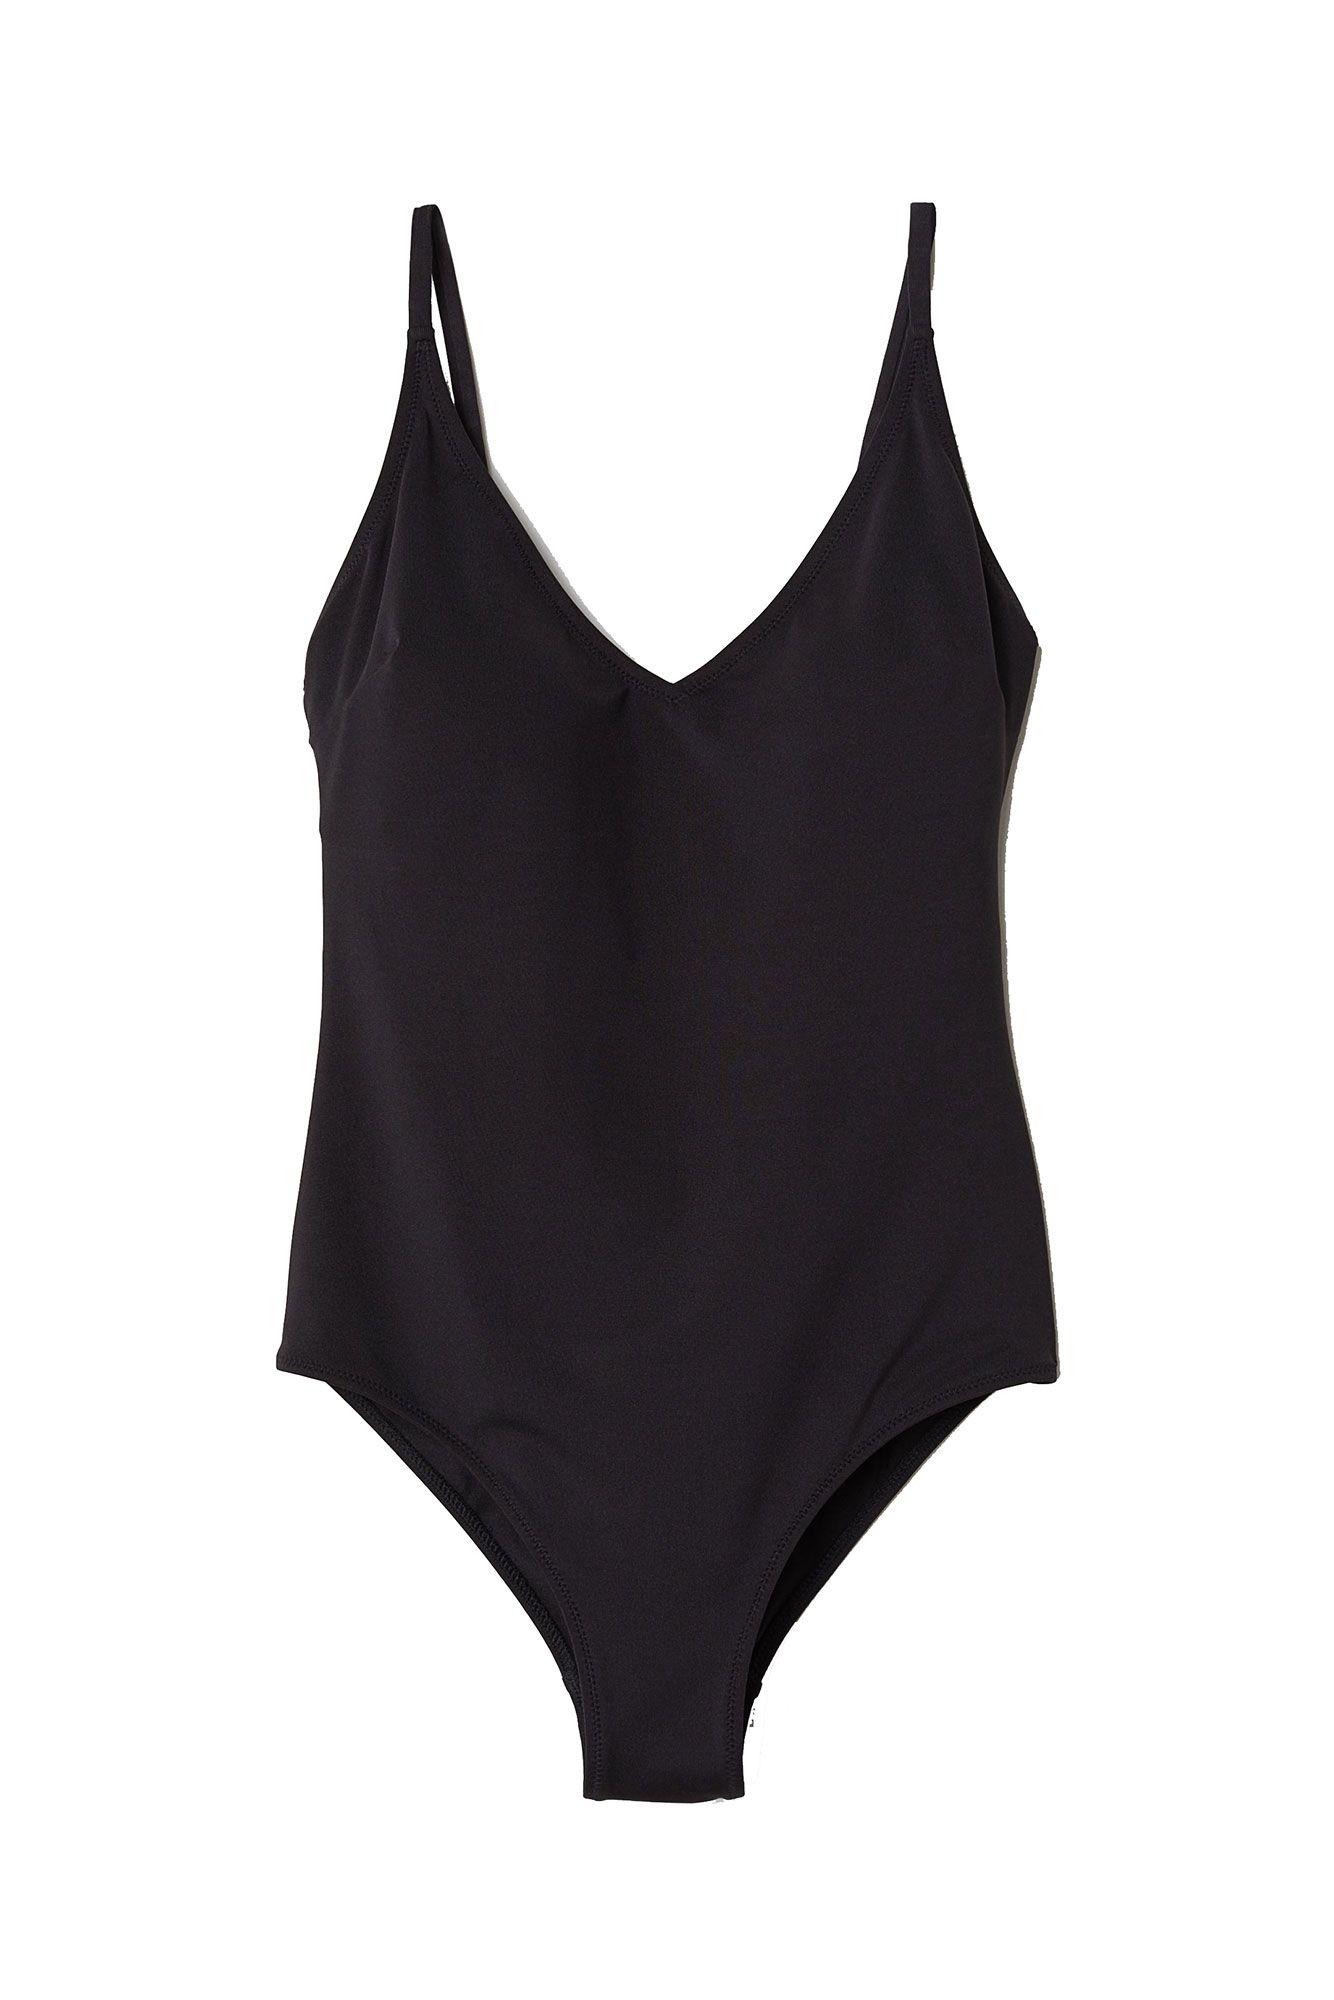 bañadores, bikinis, bañadores H&M, bikinis H&M, bañadores hm, bikinis hm, trajes de baño, trajes de baño hm, hm verano